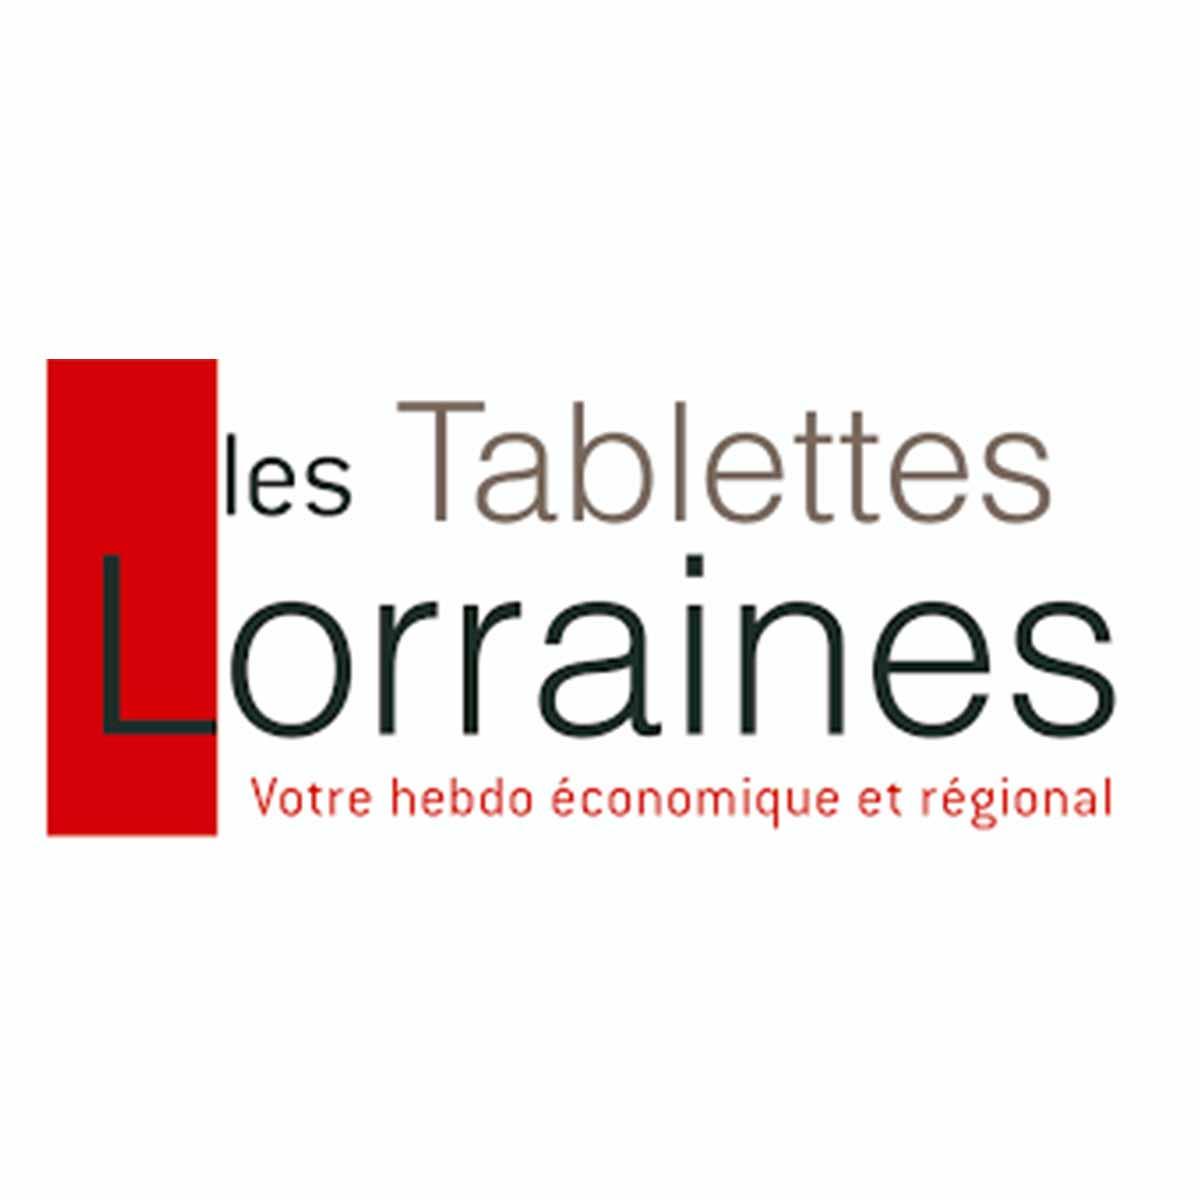 acso_revue-de-presse_logo_tablettes-lorraines